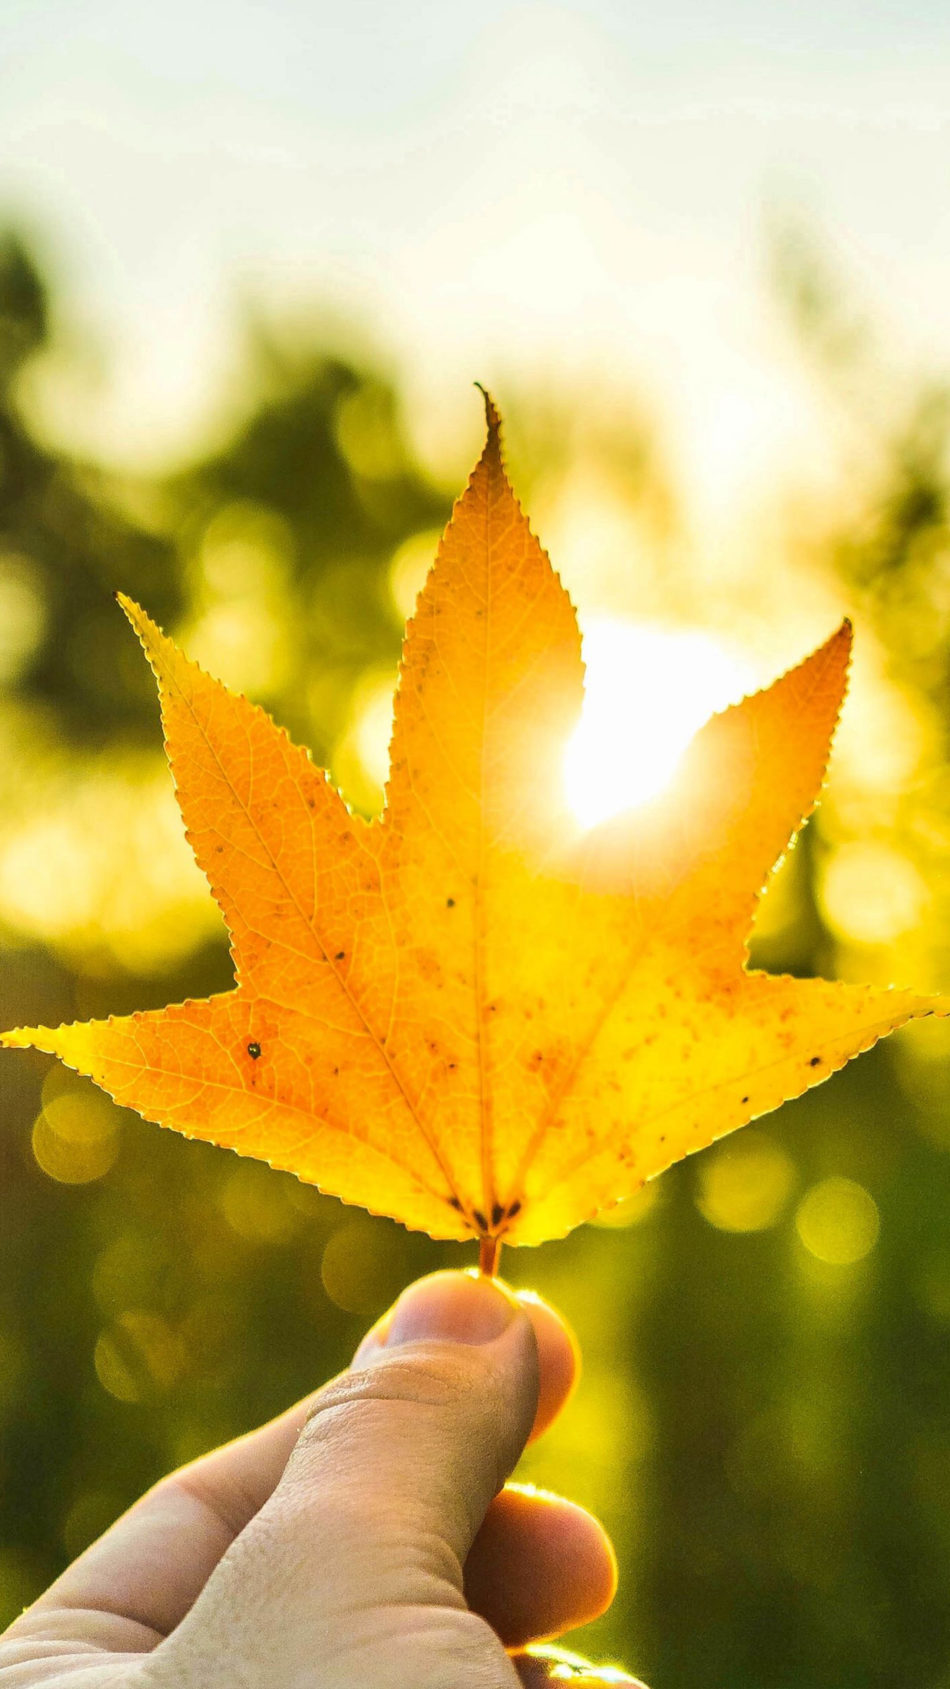 Maple Leaf Hand Sun Light 4K Ultra HD Mobile Wallpaper